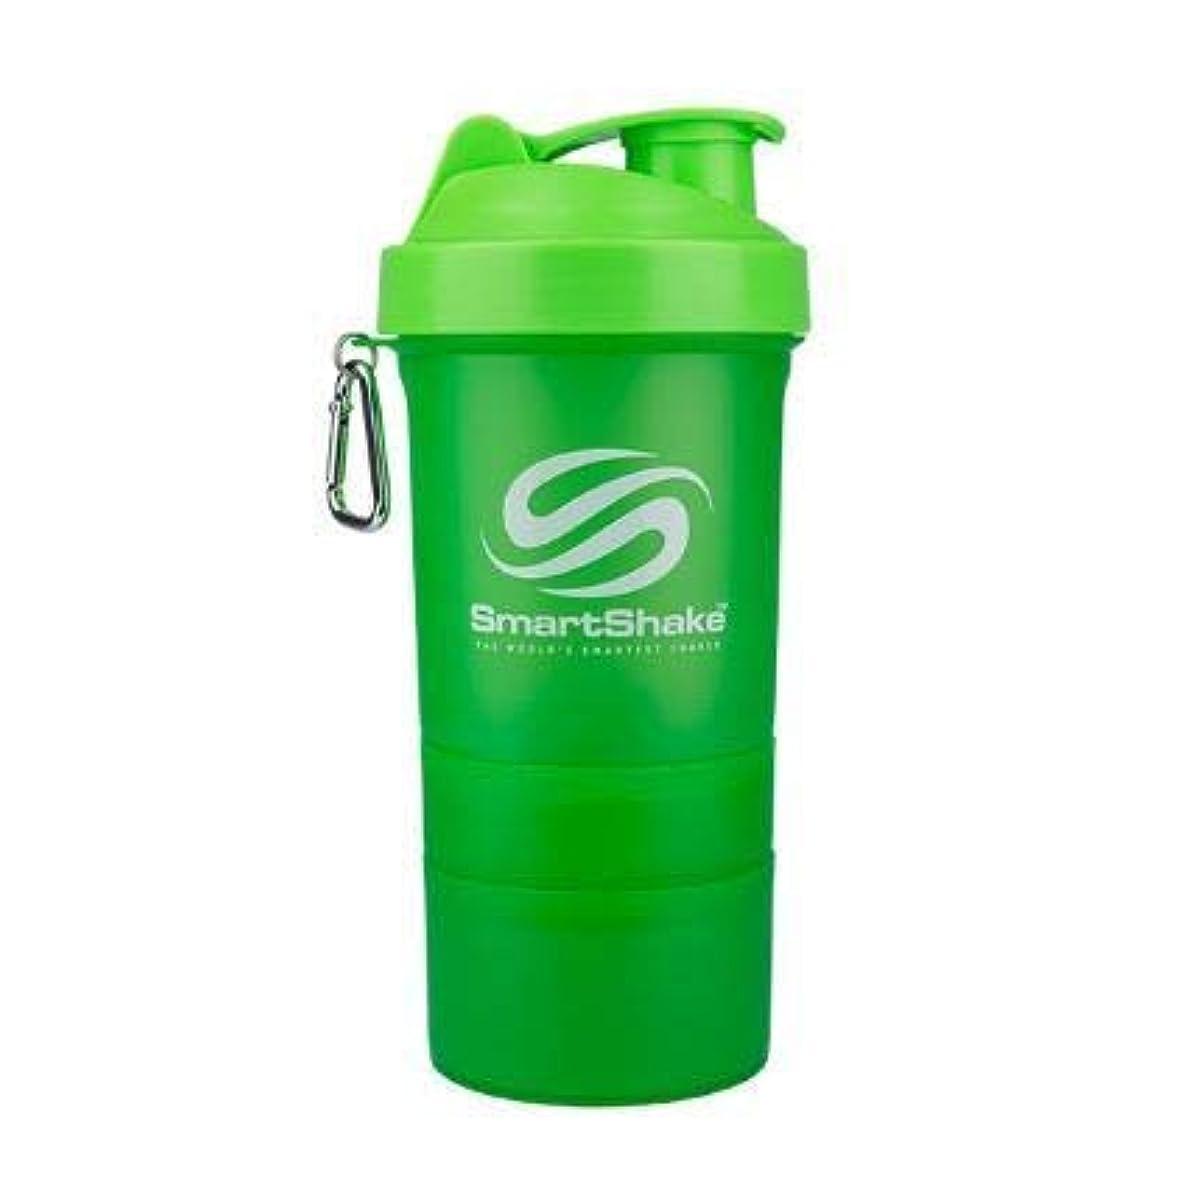 惑星壮大なに話すSmartshake英国株式会社Smartshake Smartshakeボトル-ネオングリーン1×600ミリリットル(それ)